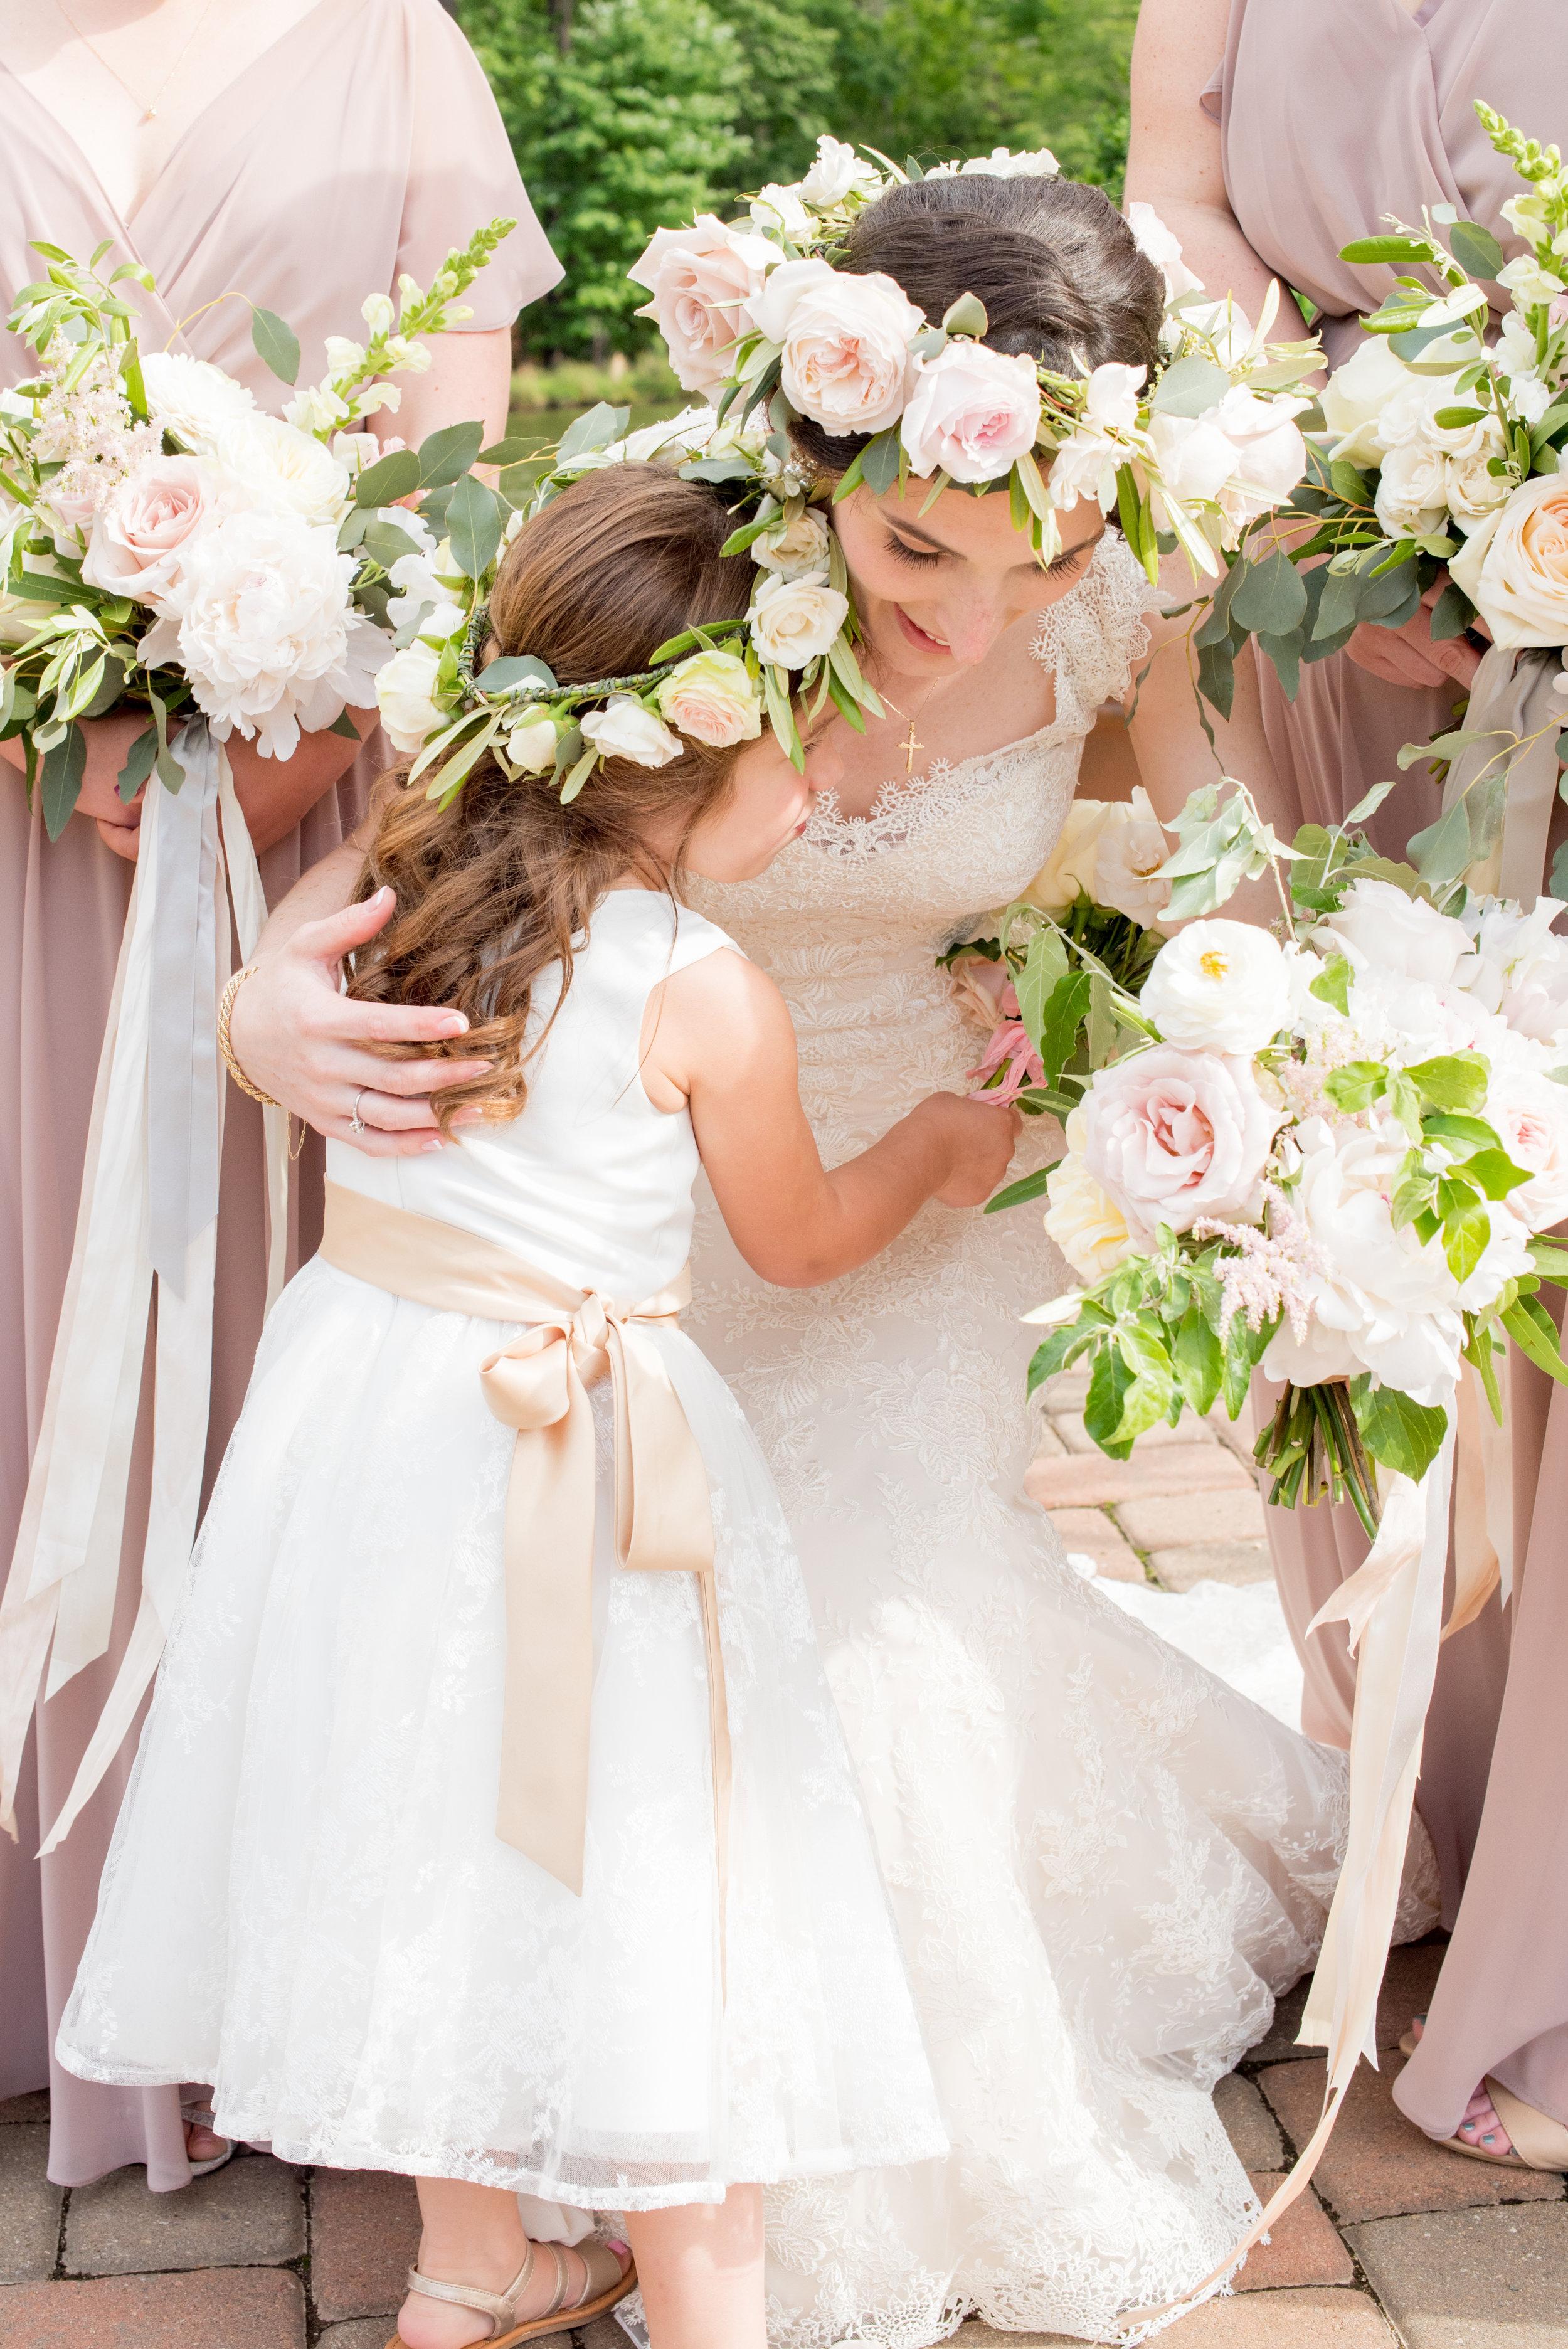 mikkelpaige-annie_vince-wedding_party-35.jpg